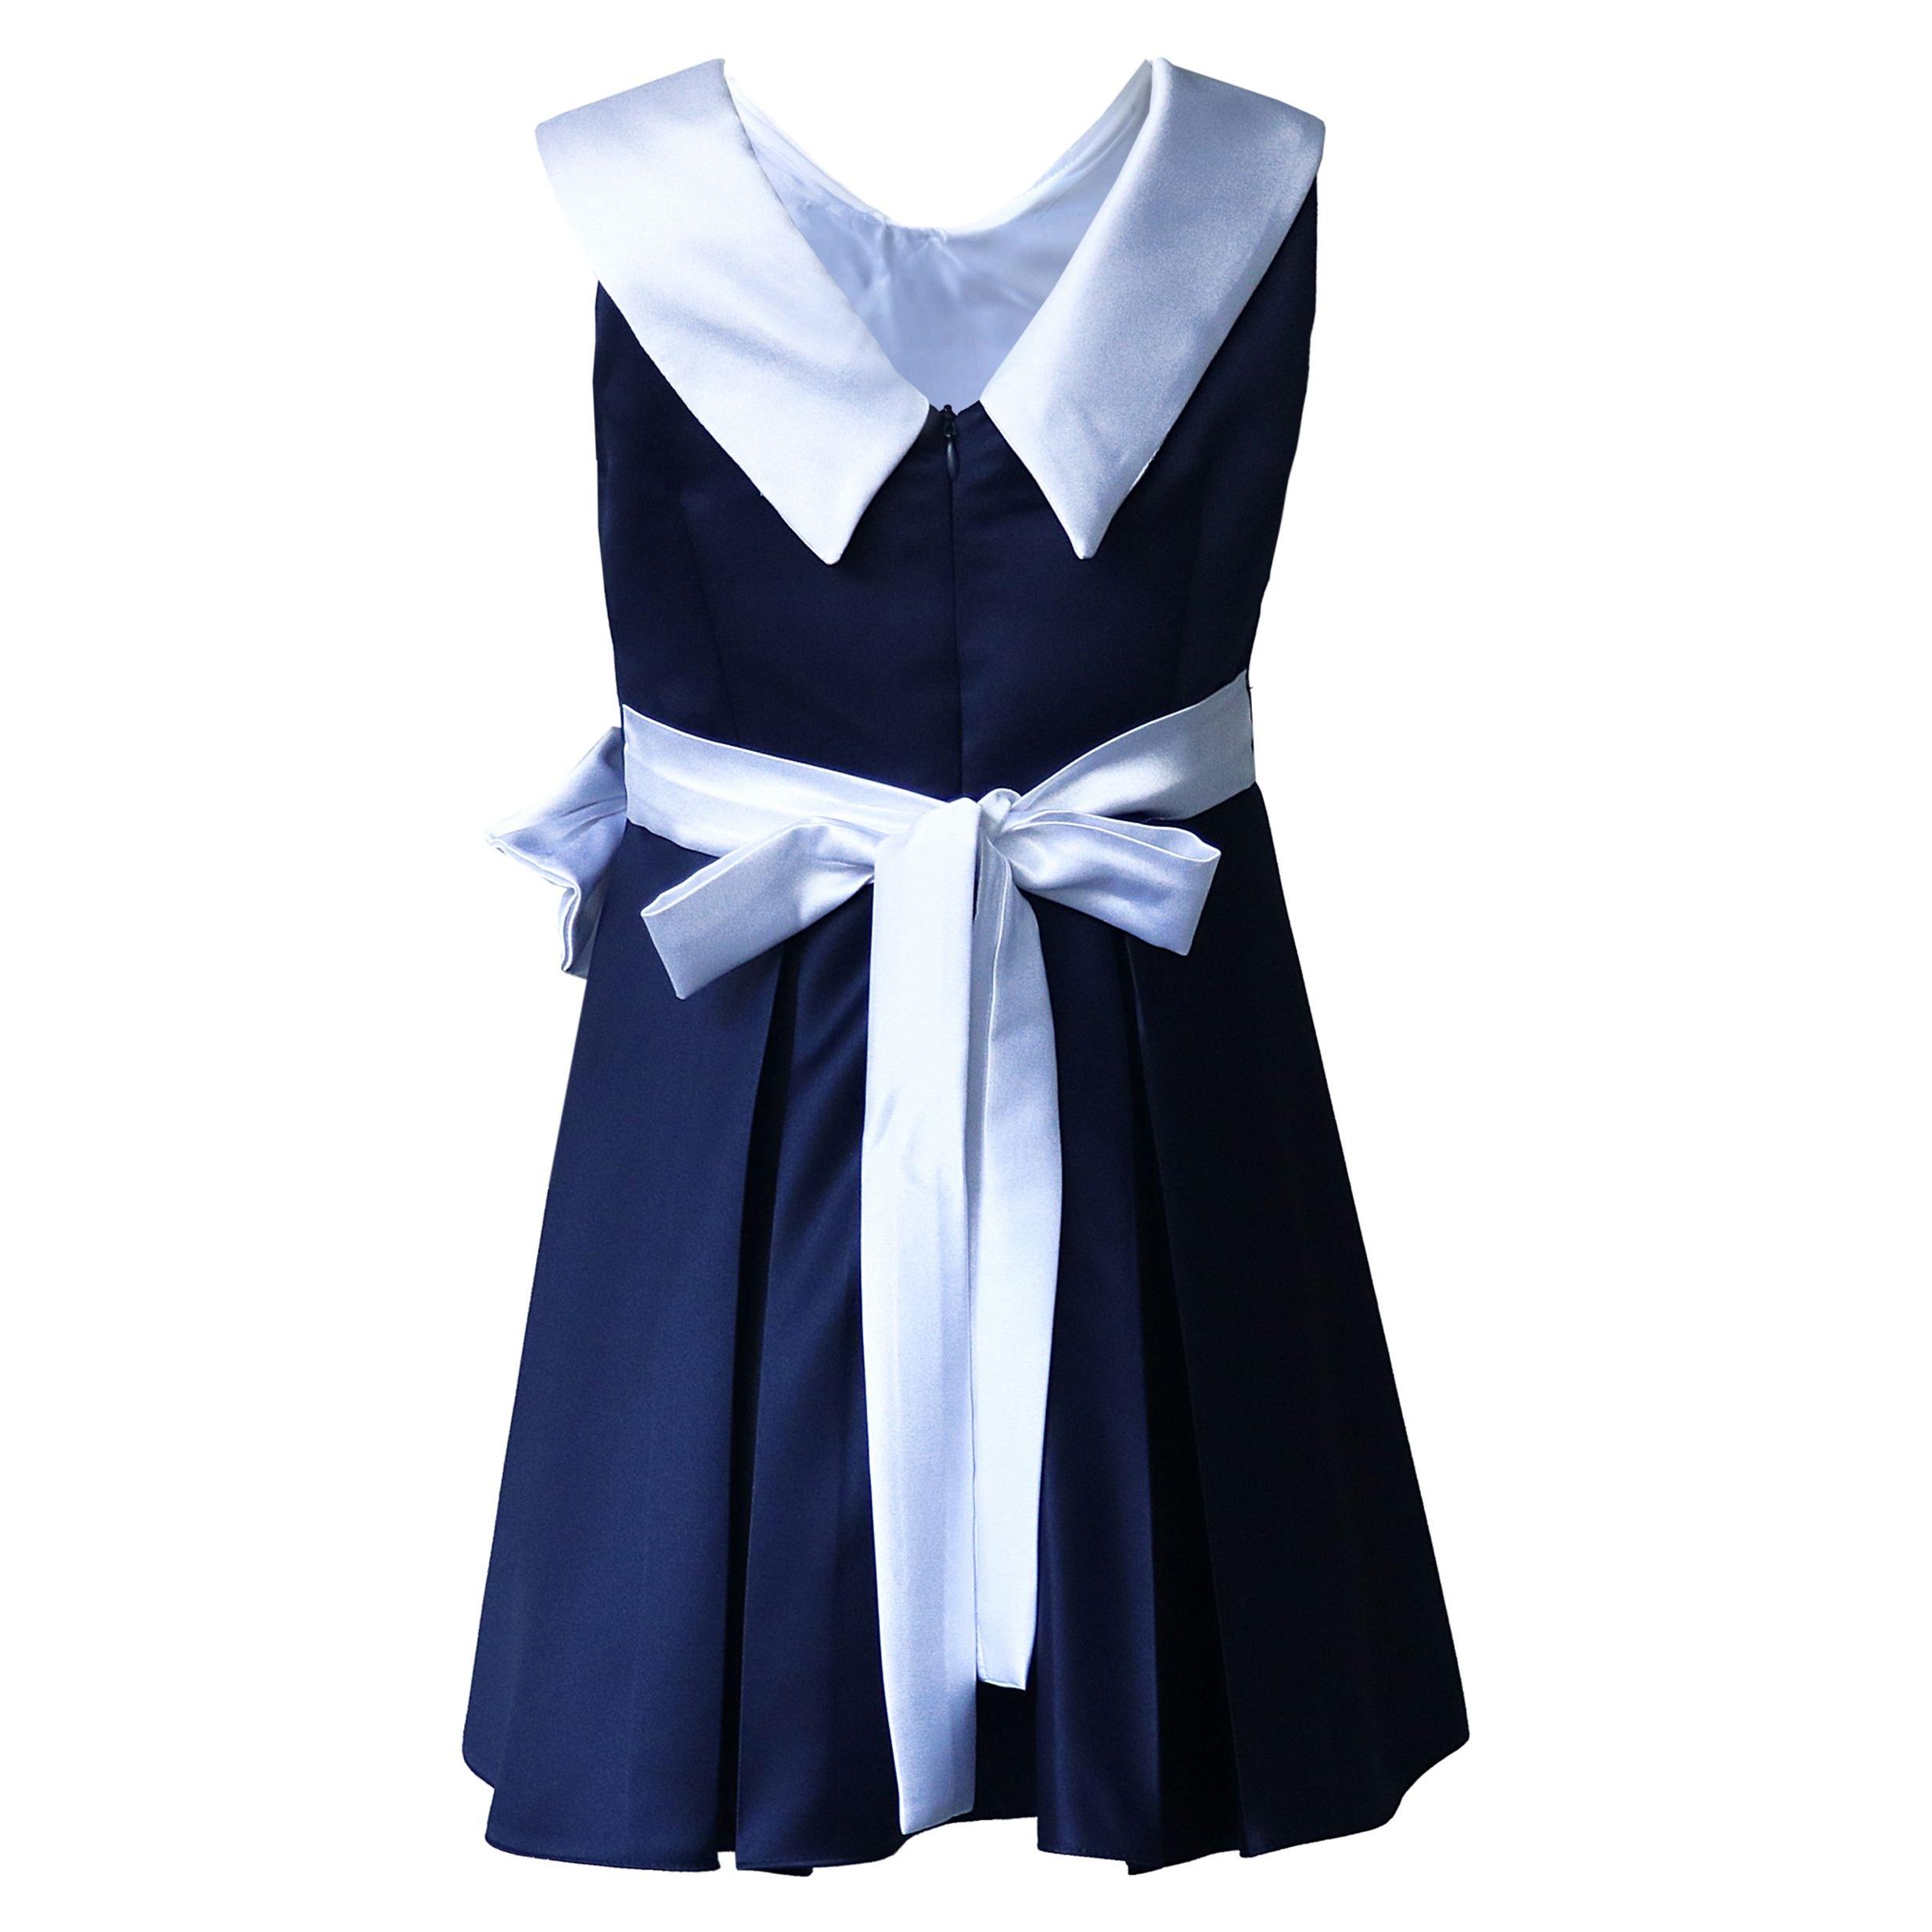 پیراهن دخترانه کد 136 main 1 1